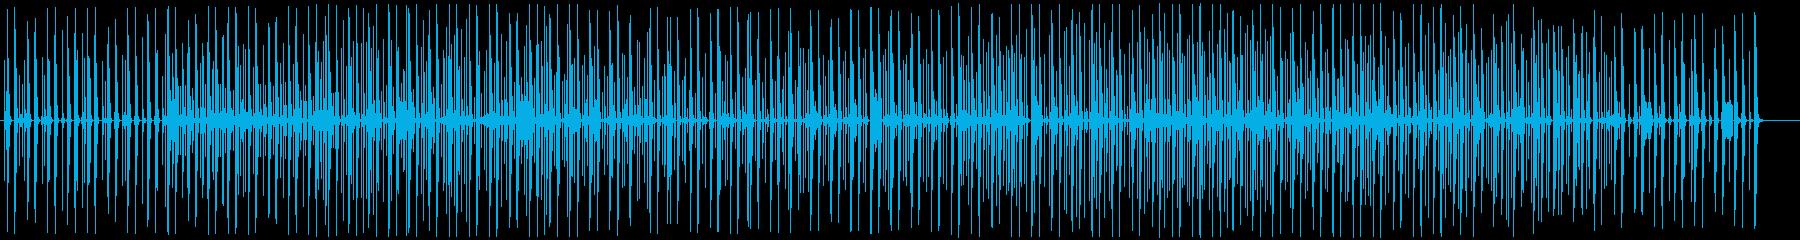 木琴のんびり可愛いカフェポップの再生済みの波形